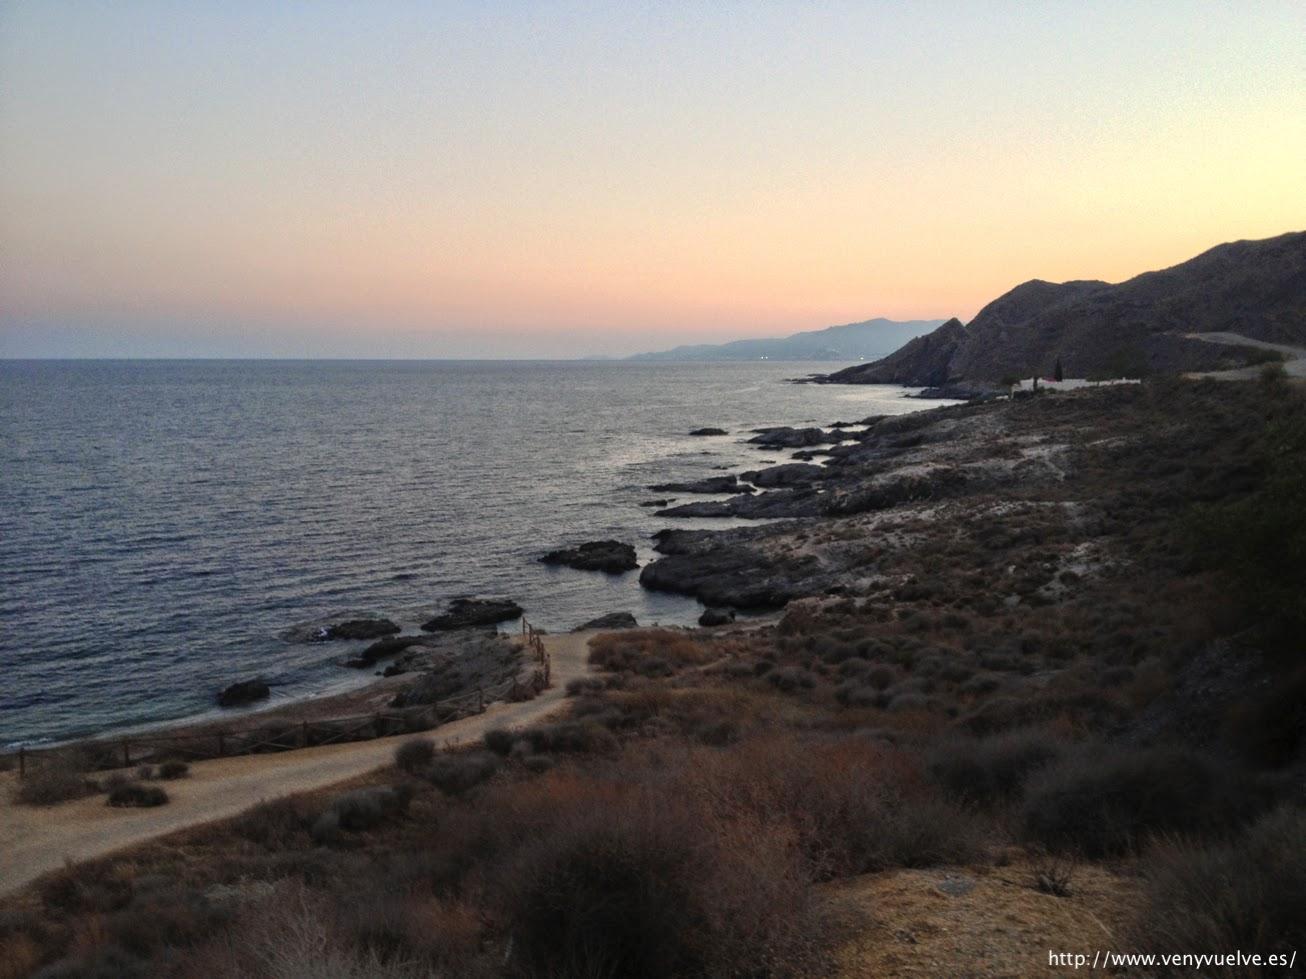 Playas de Garrucha en la costa de Almería